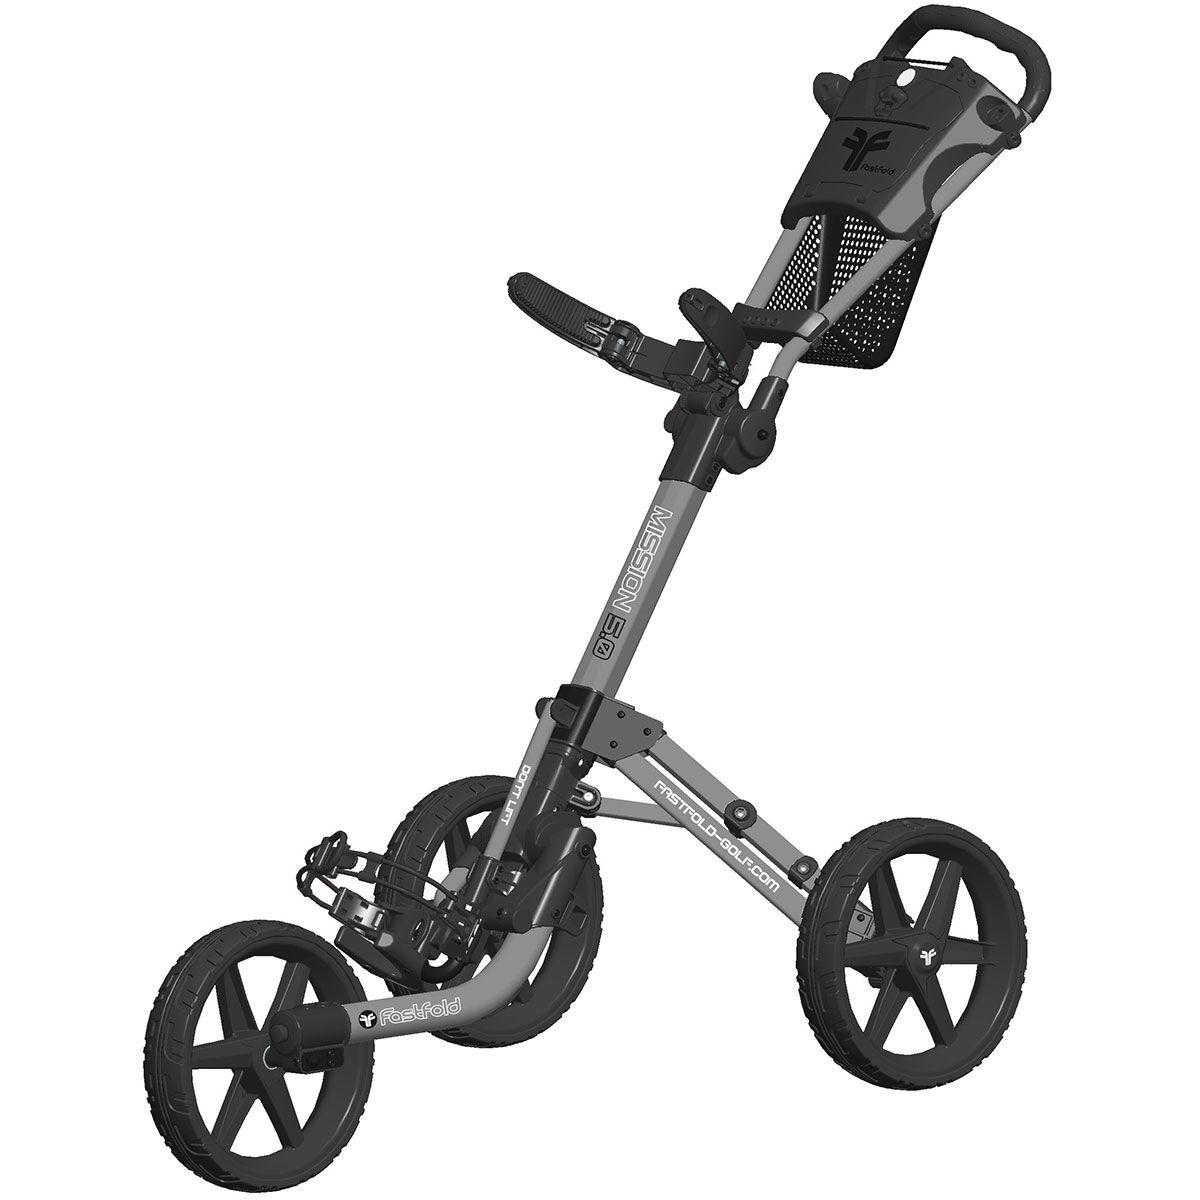 Fast Fold Fastfold Mission 5.0 3 Wheel Push Golf Trolley, Matte grey black | American Golf